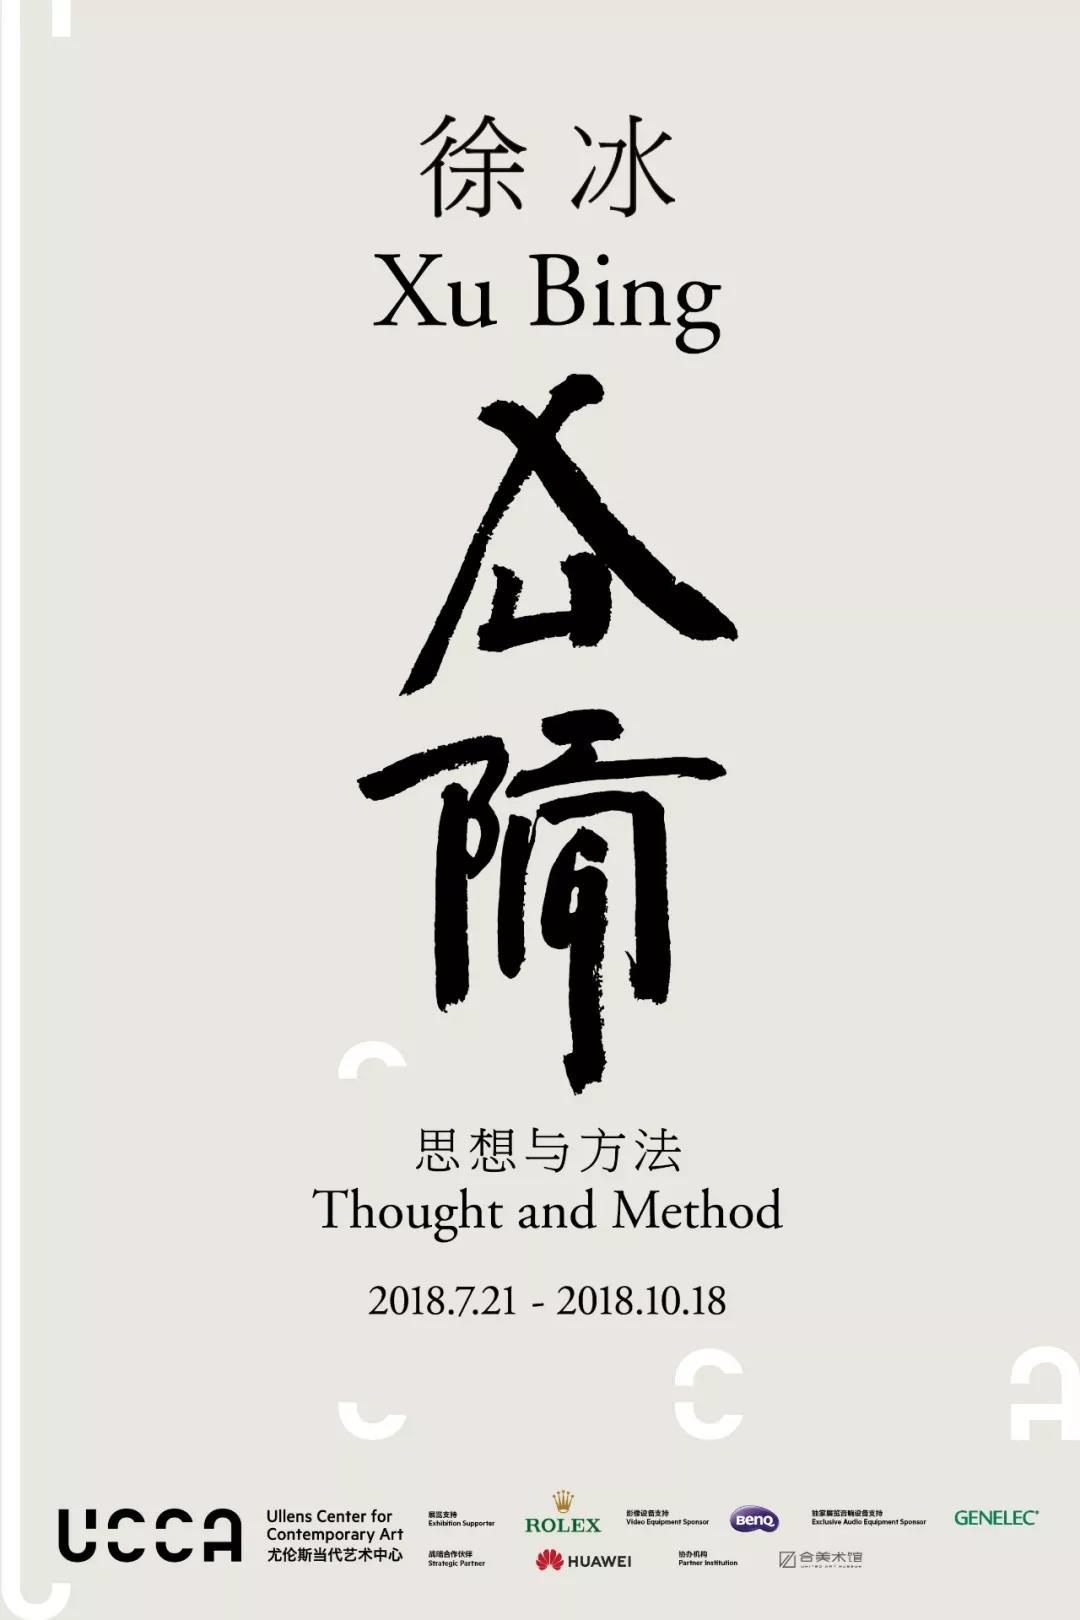 《徐冰:思想与方法》:超越文化界限的艺术光影照明第15张